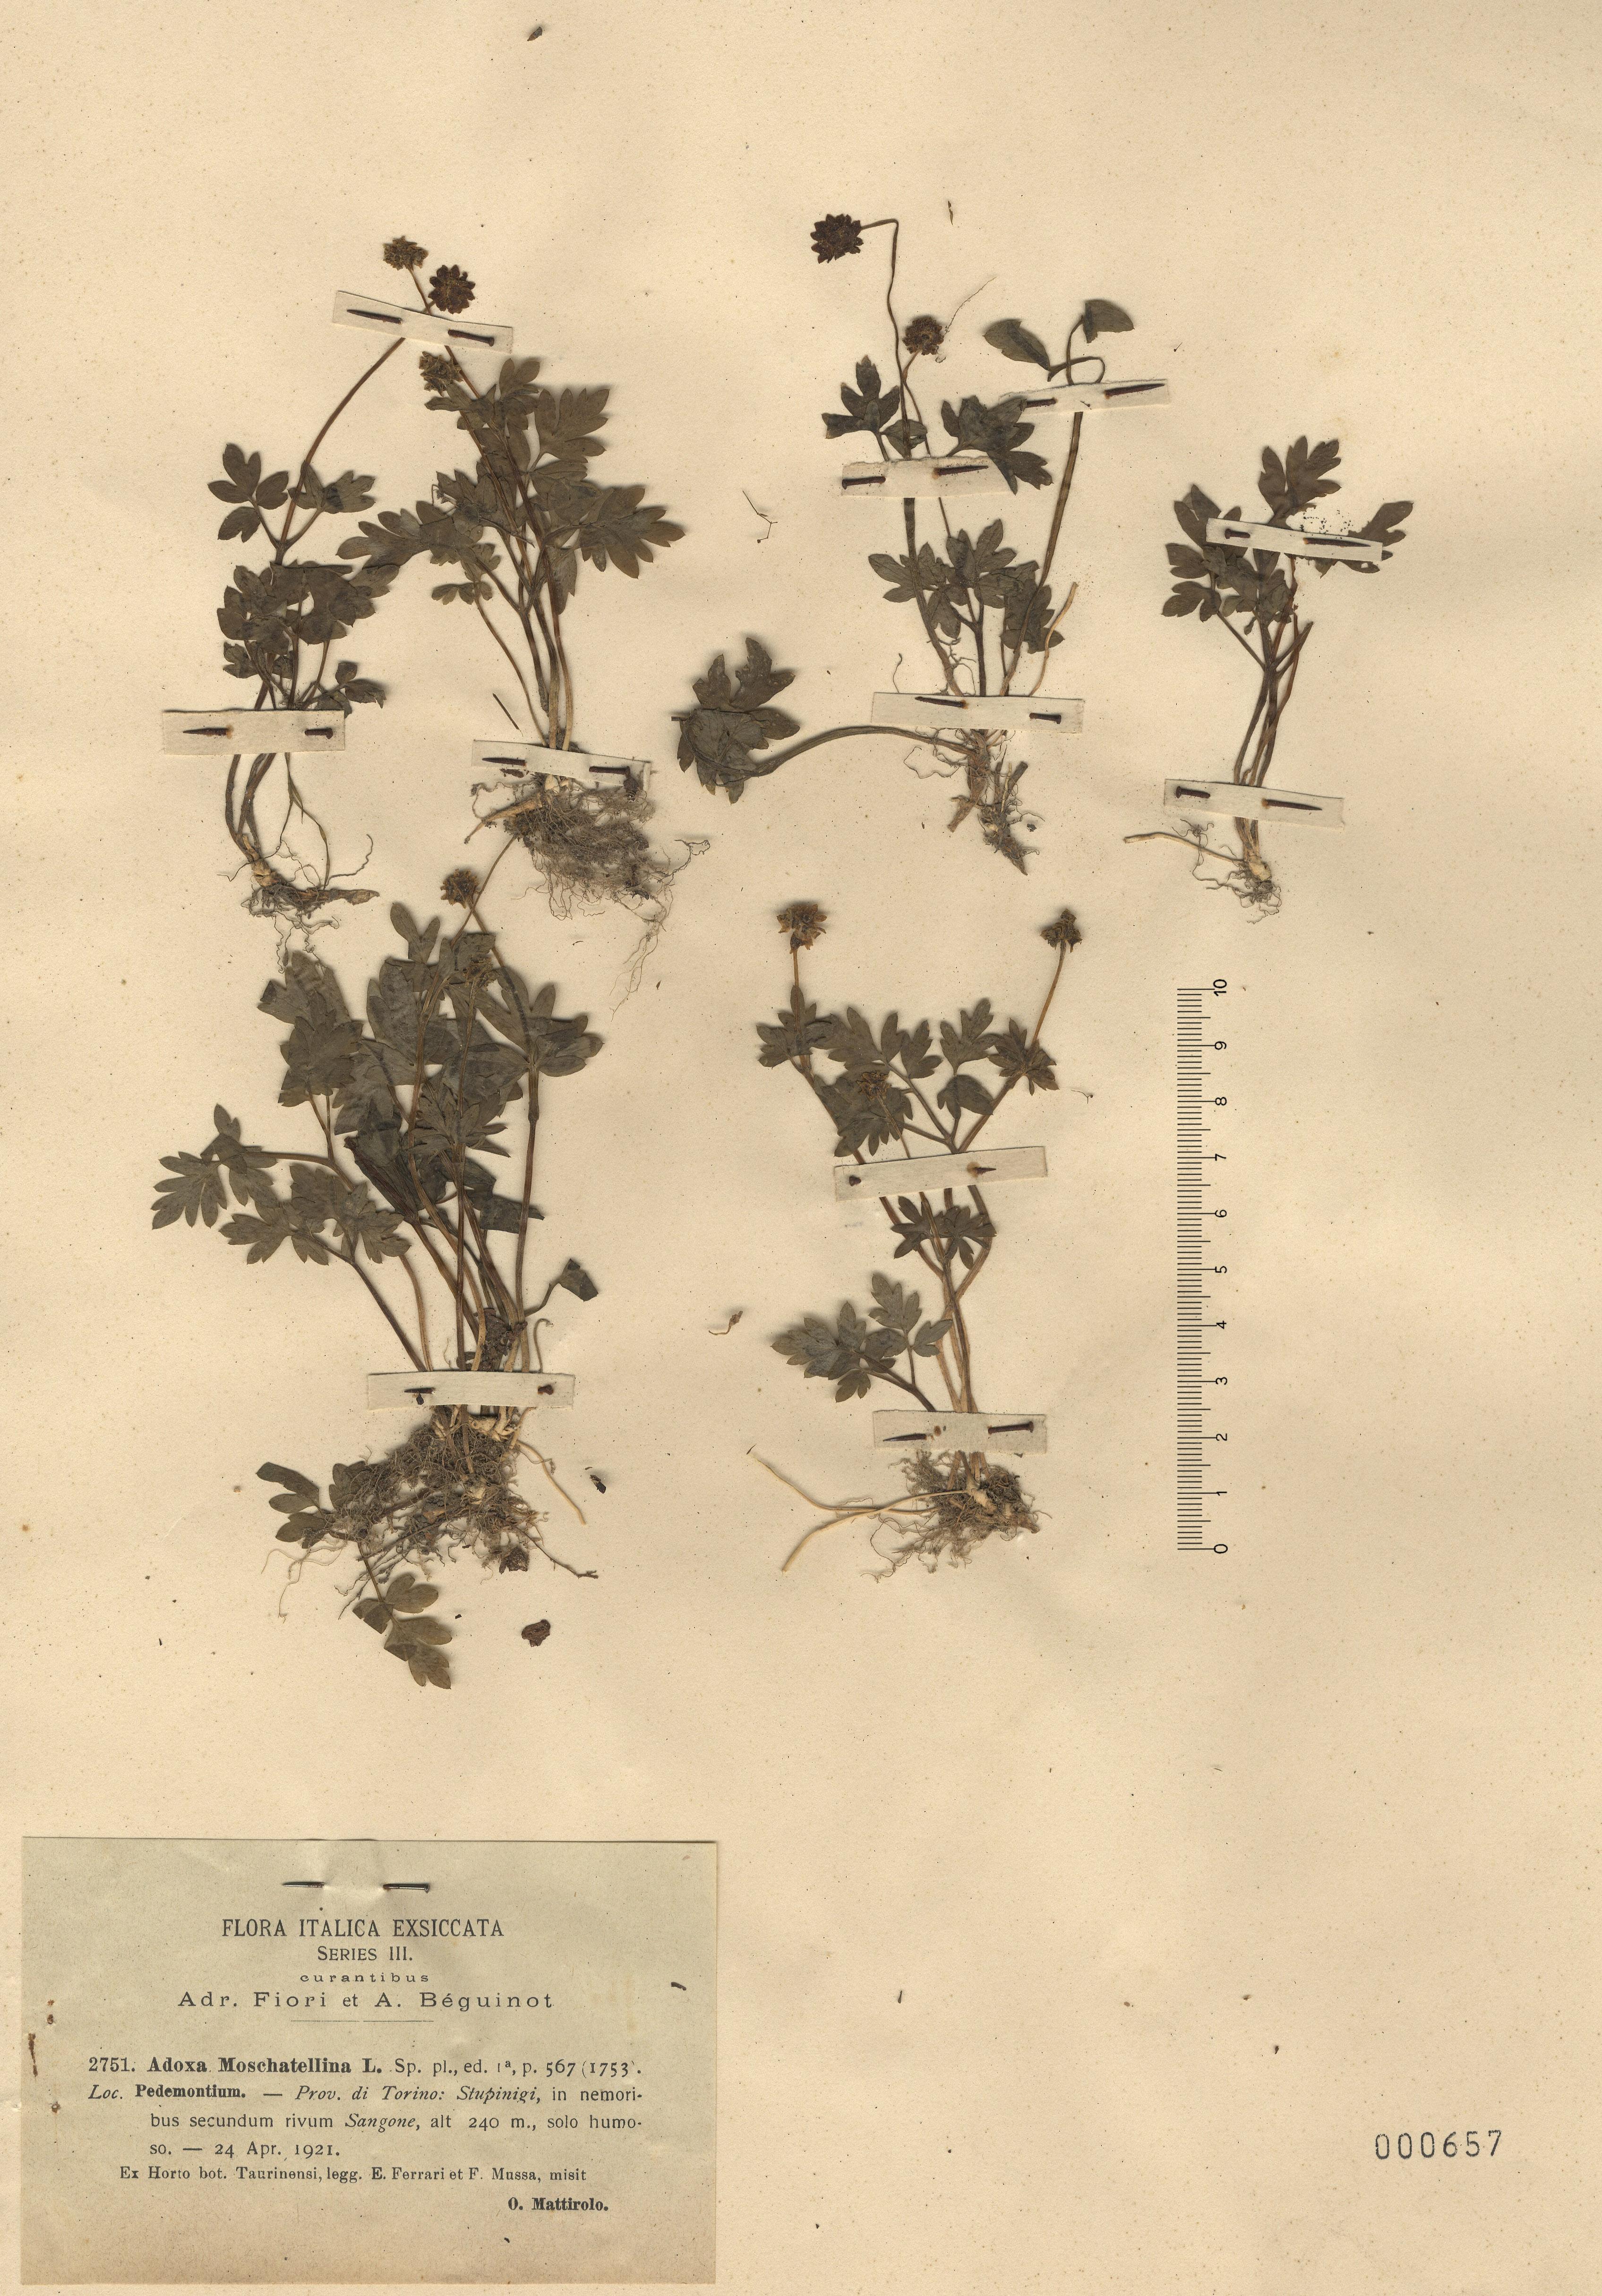 © Hortus Botanicus Catinensis - Herb. sheet 000657<br>